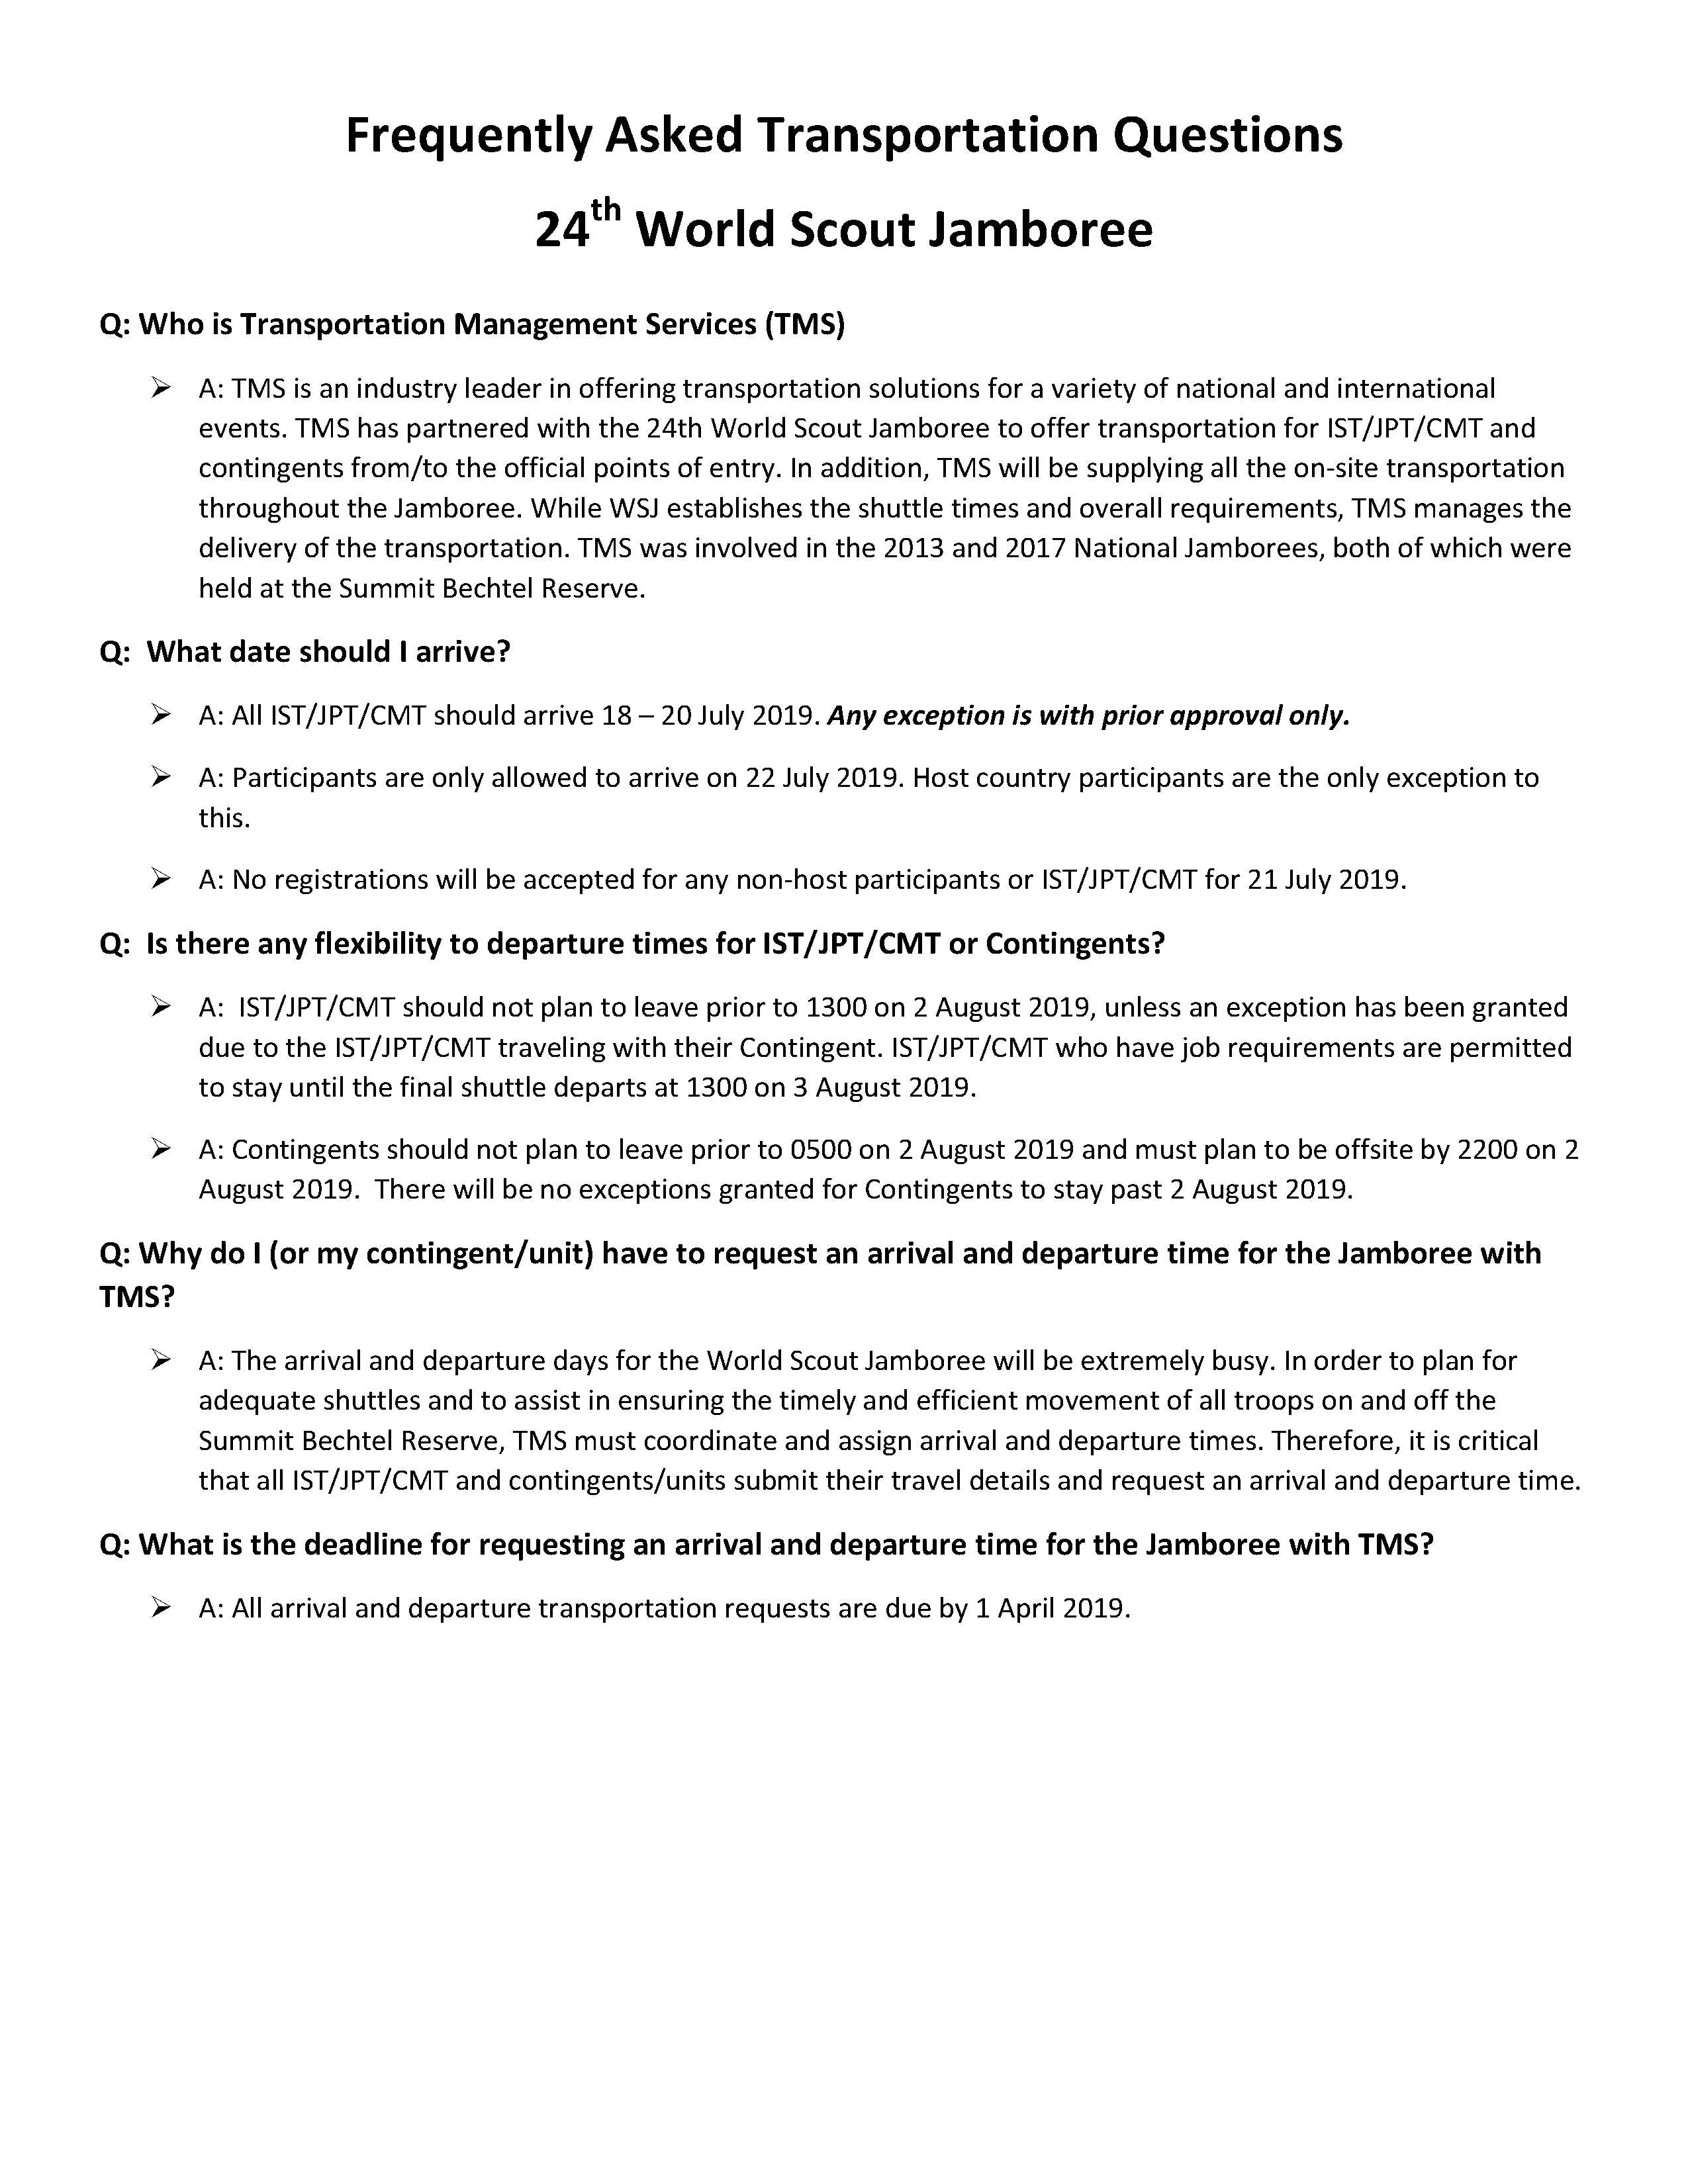 TMS FAQ's - REVISED 3 13 19_1